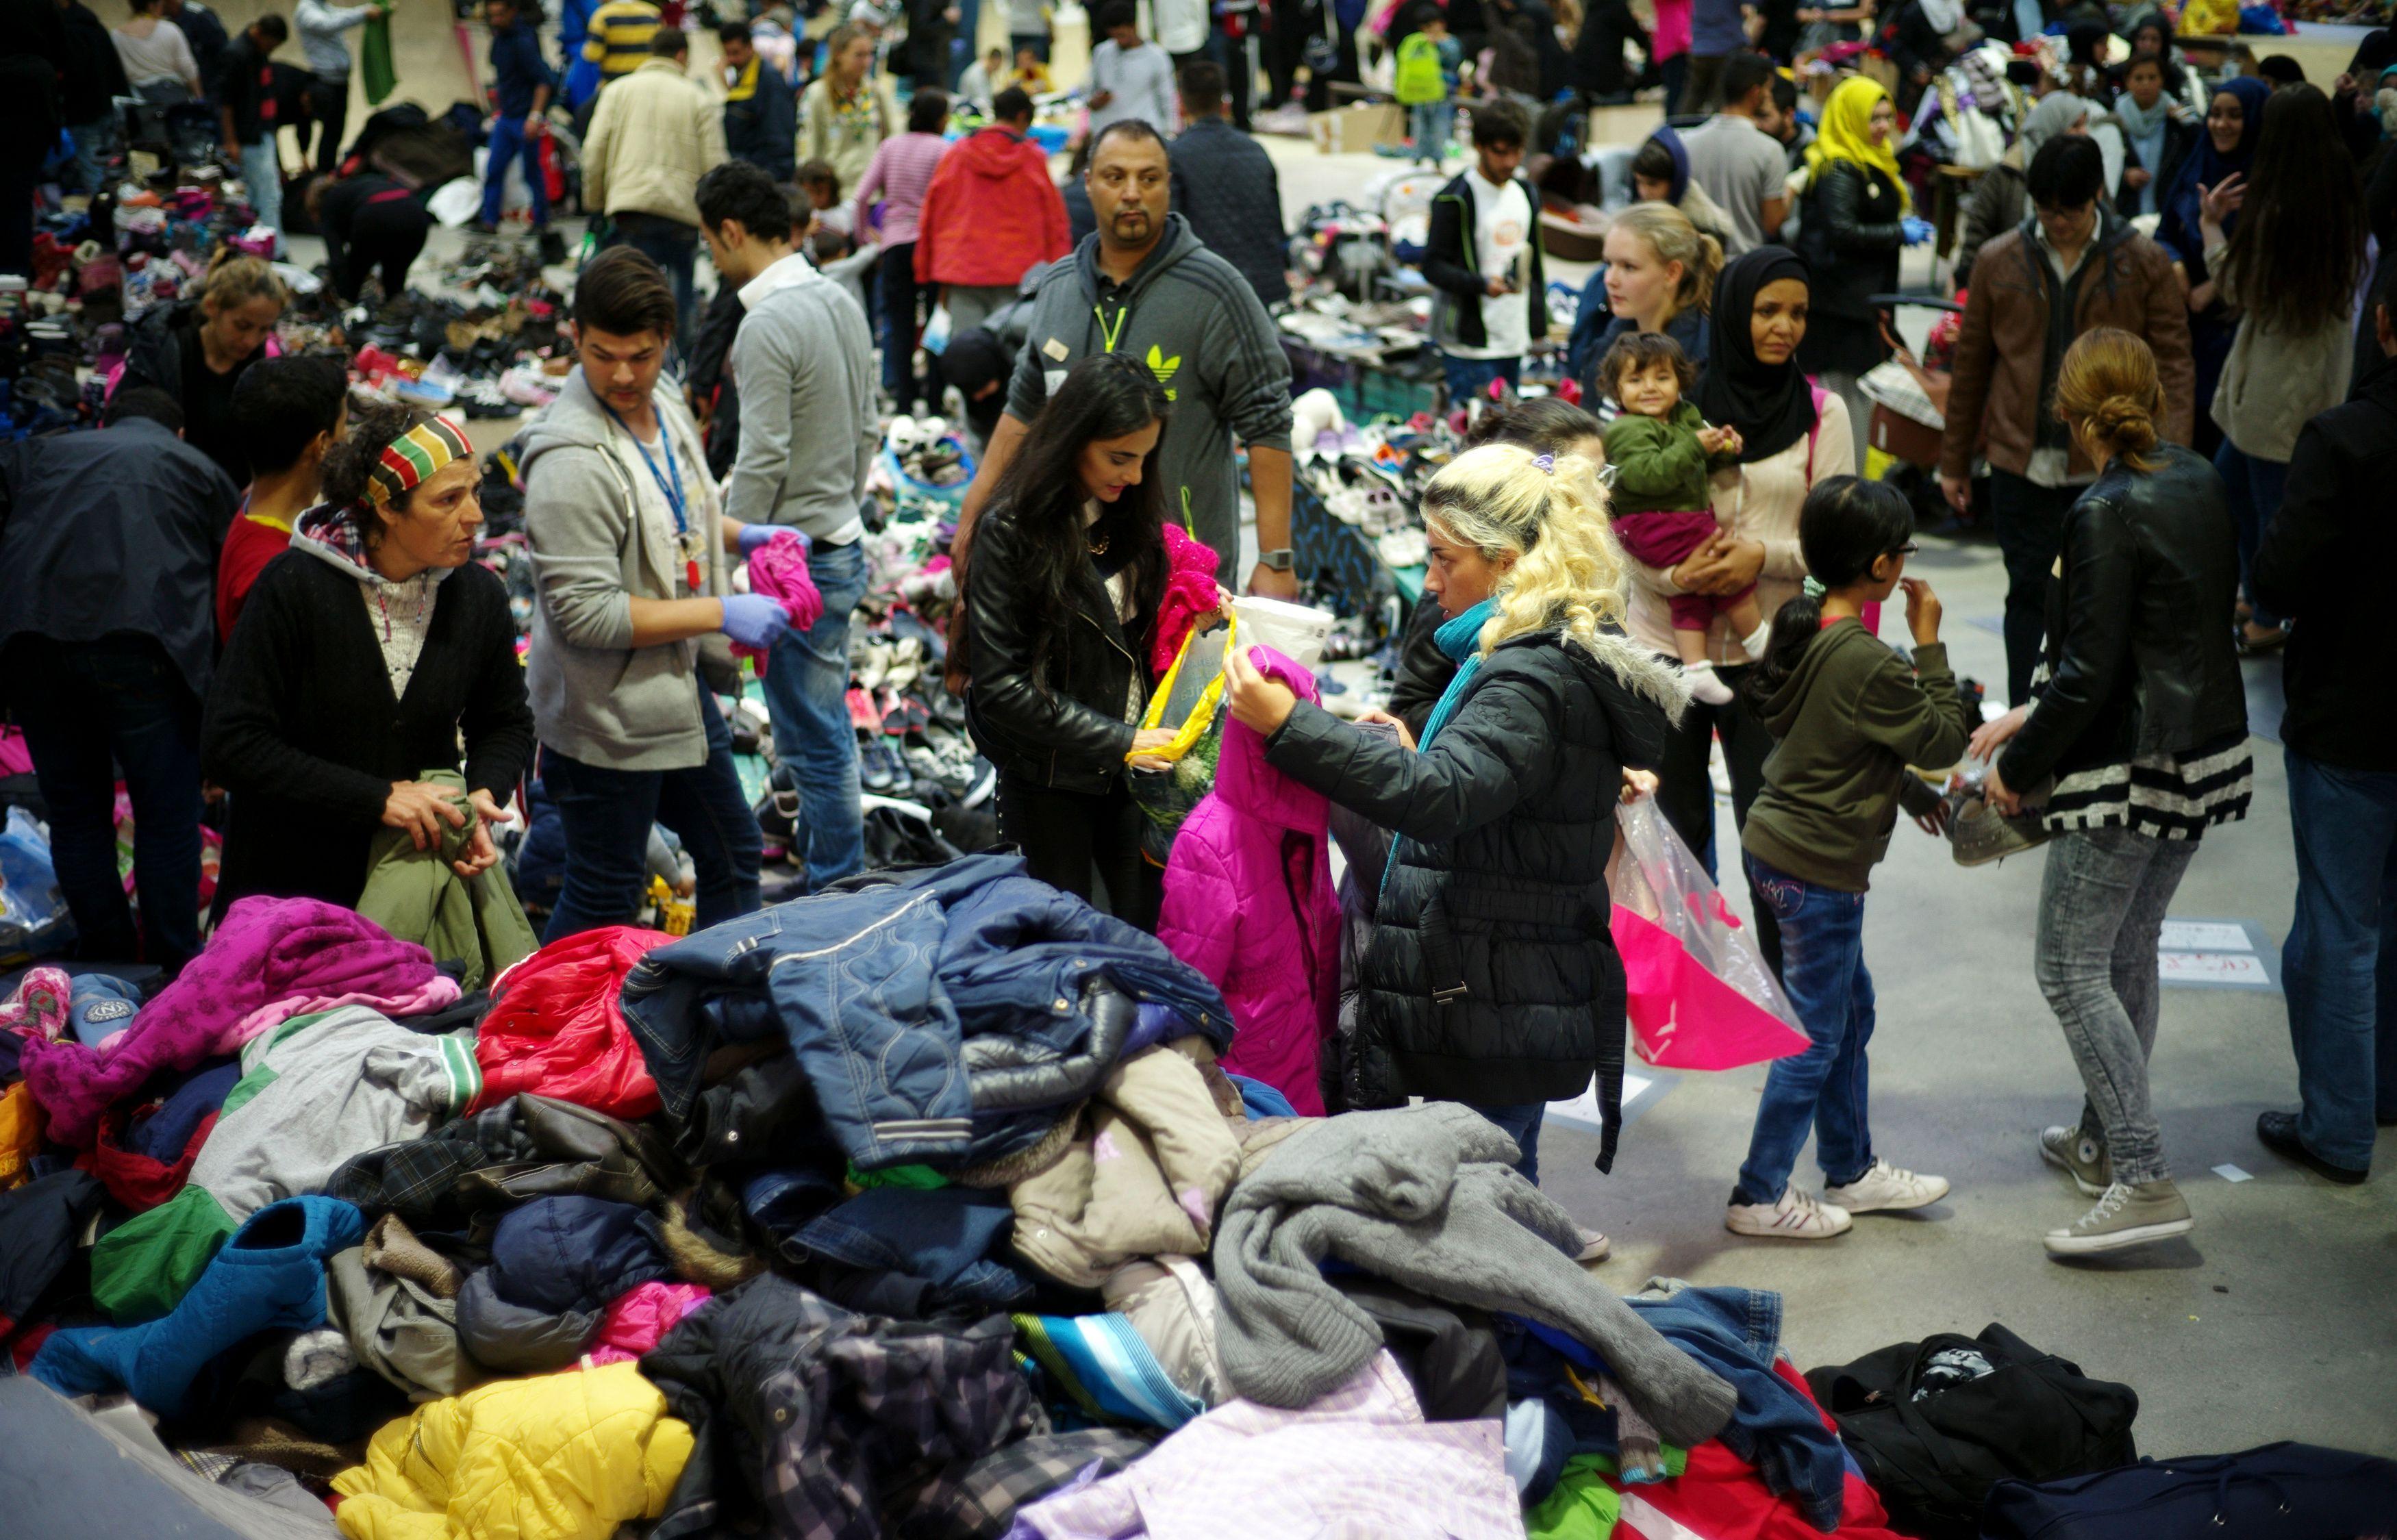 Plus de 430 000 migrants et réfugiés ont traversé la Méditerranée depuis janvier,  2 748 morts